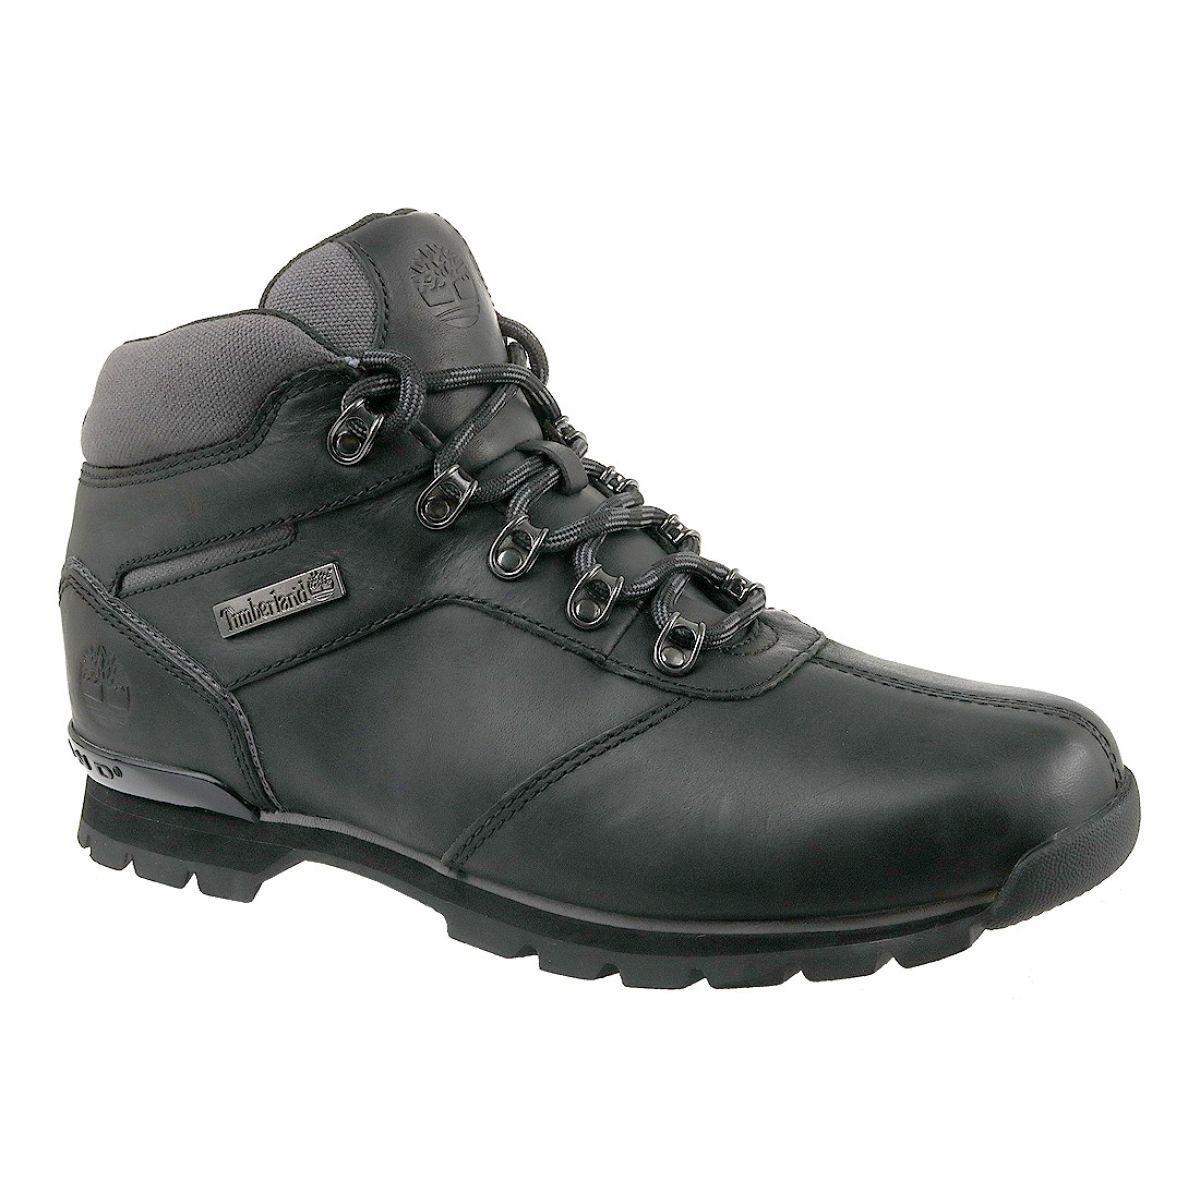 Buty Timberland Splitrock 2 M A1hvq Czarne Timberland Boots Mens Timberland Splitrock Boots